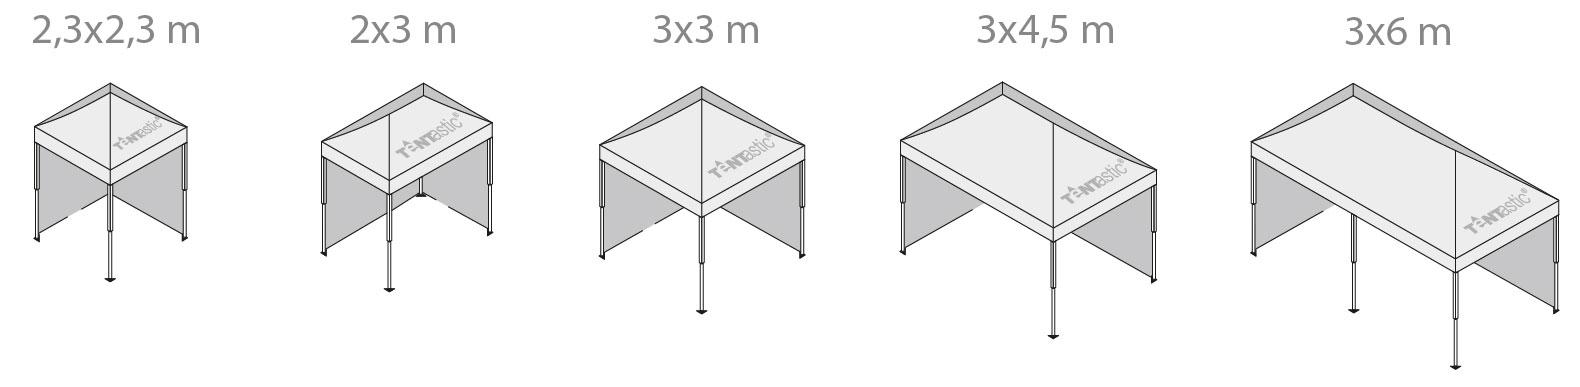 Faltpavillon-Propavillon-32-Tentastic-groessen-zeichnung2